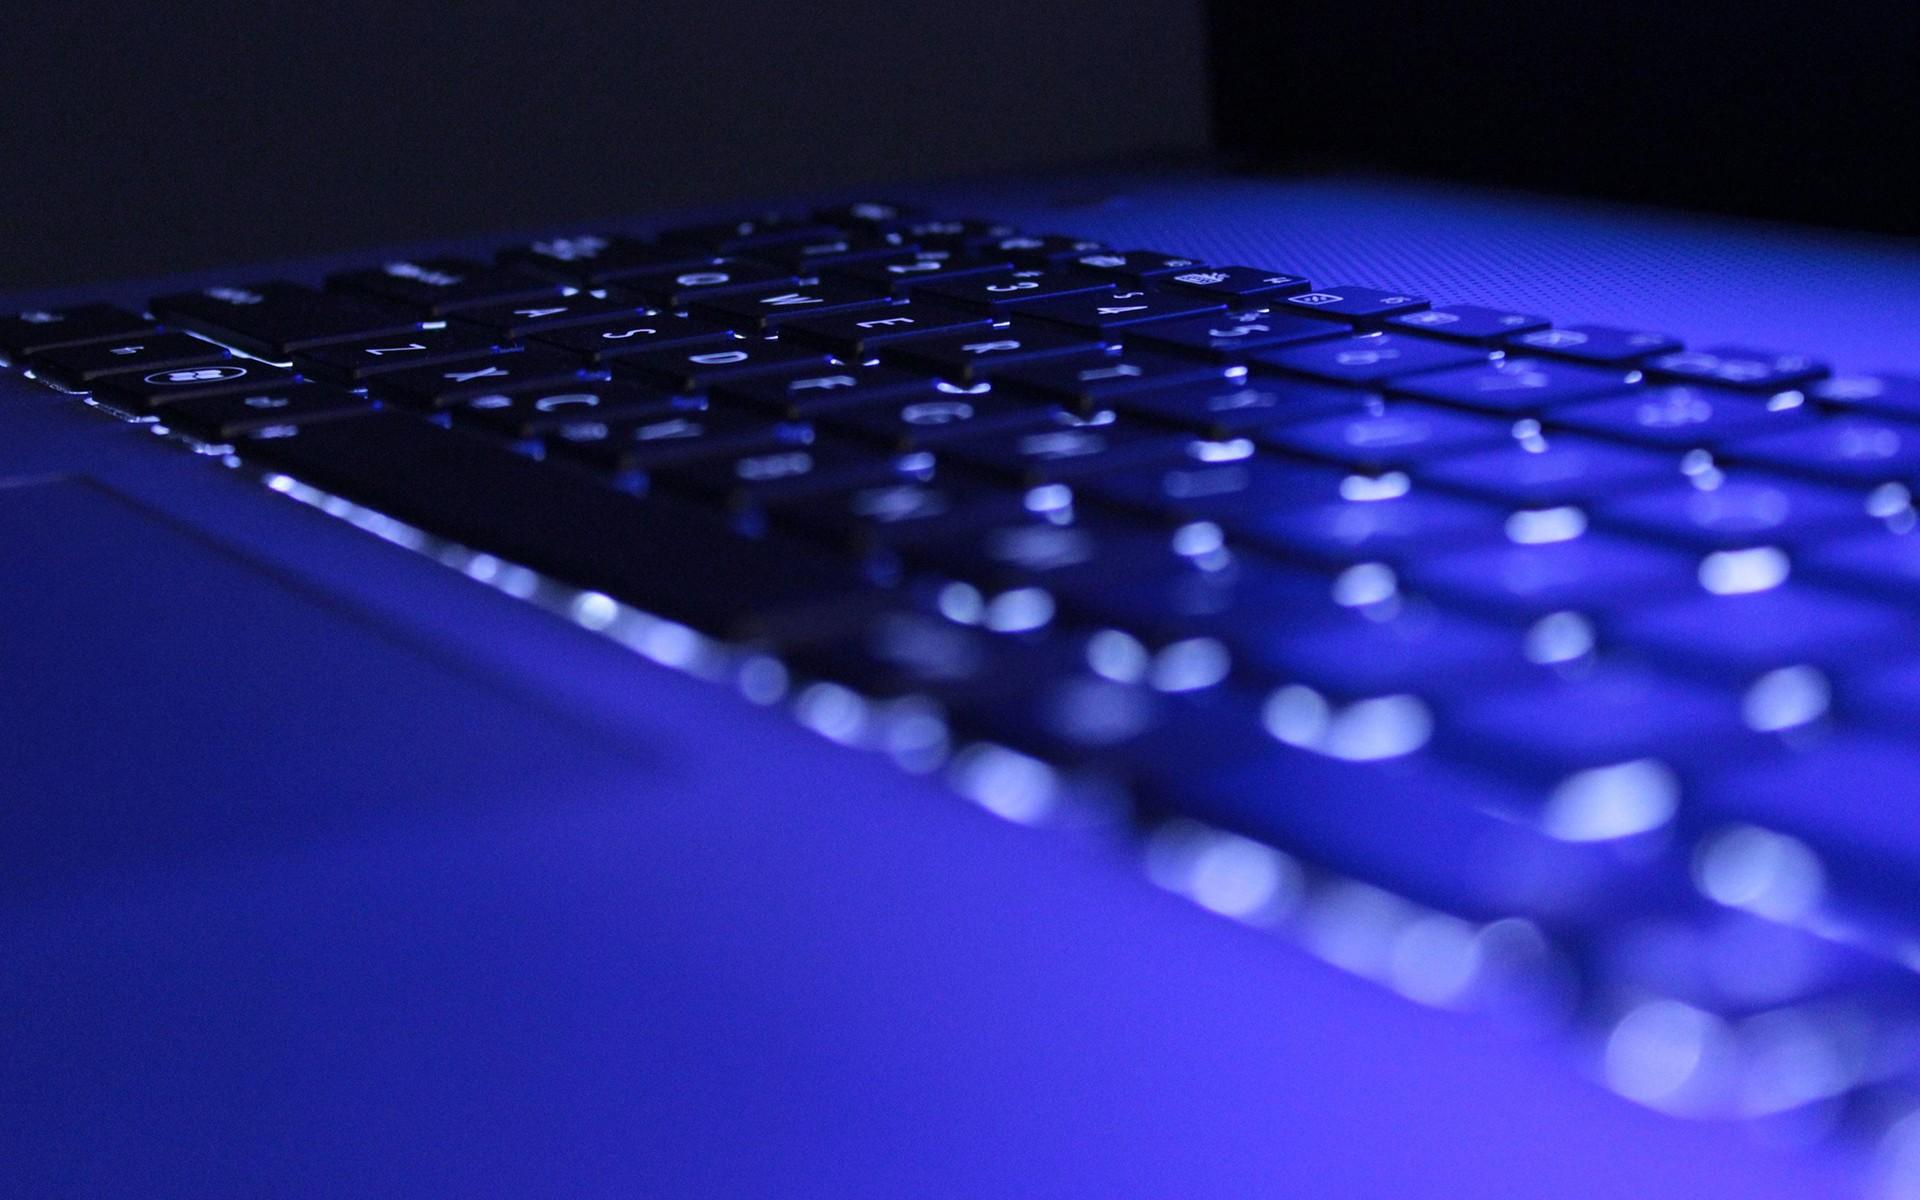 keyboard desktop wallpaper 50585